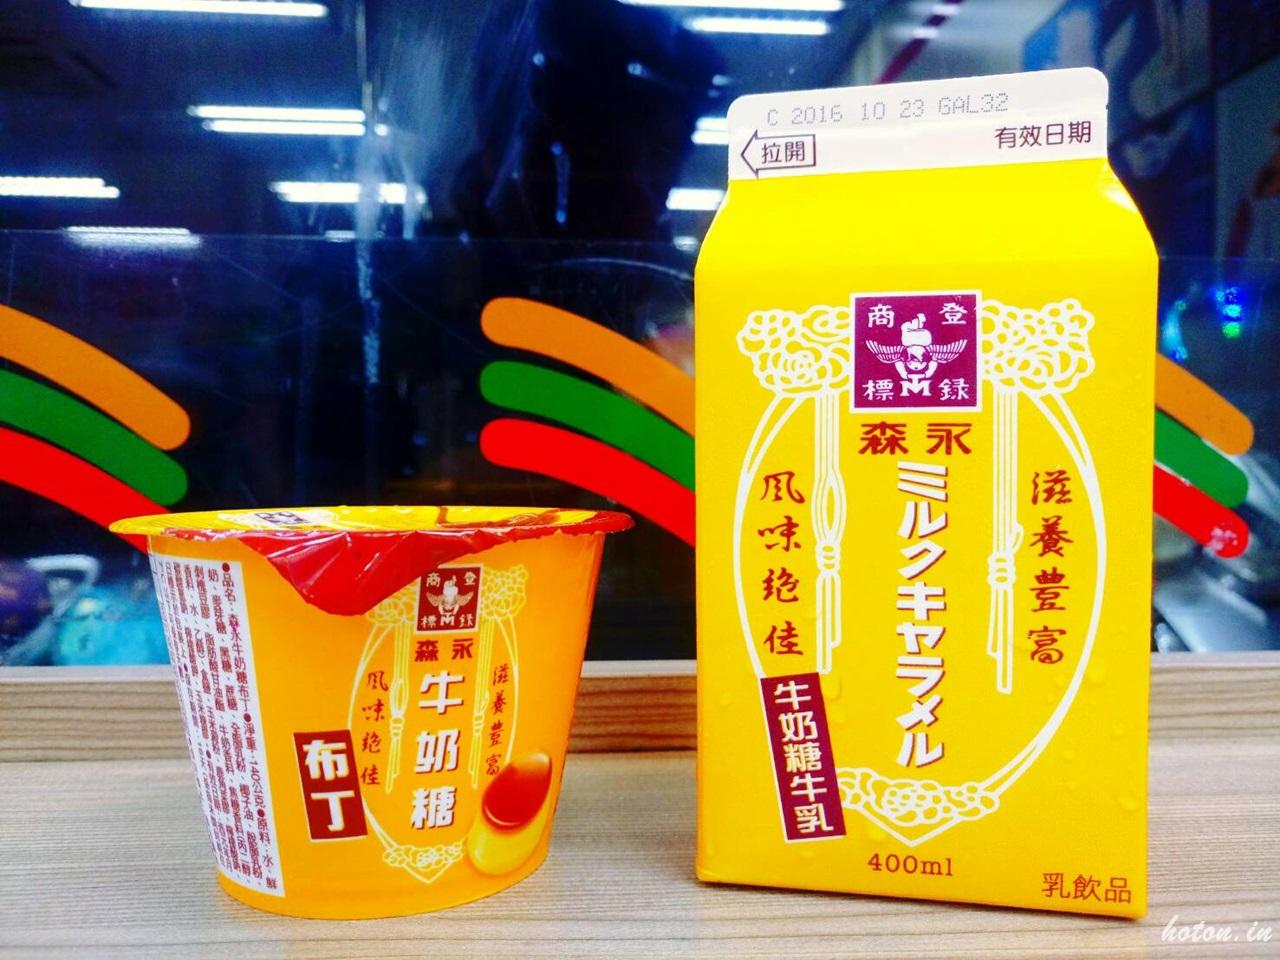 【飲料紀錄】7-11森永牛奶糖牛乳.森永牛奶糖布丁.雪派~甜到化不開的童年記憶